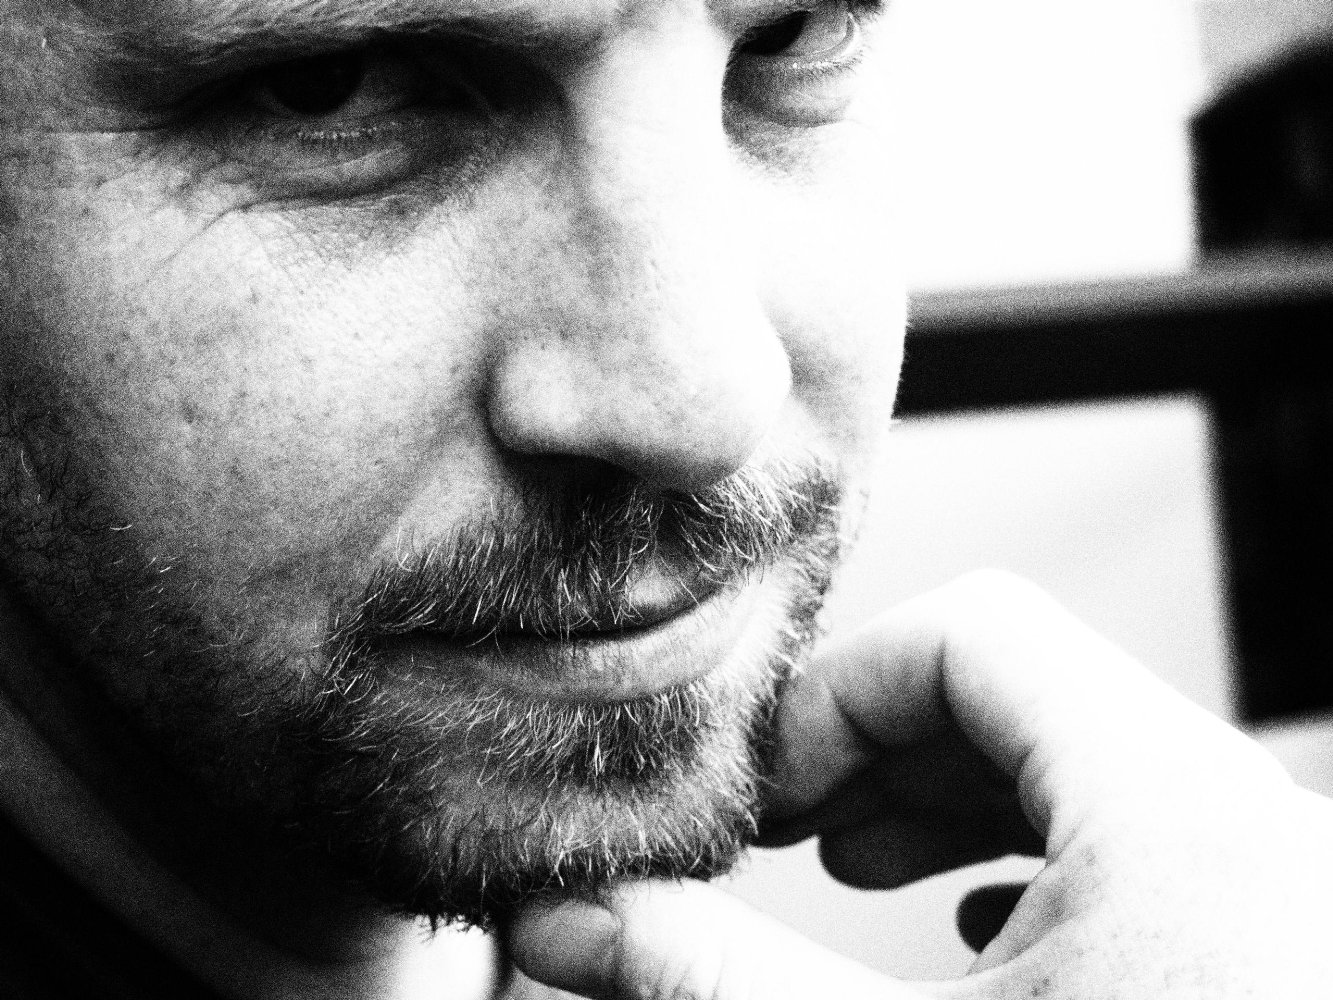 Soren Jensen movies list and roles (Wentworth Prison